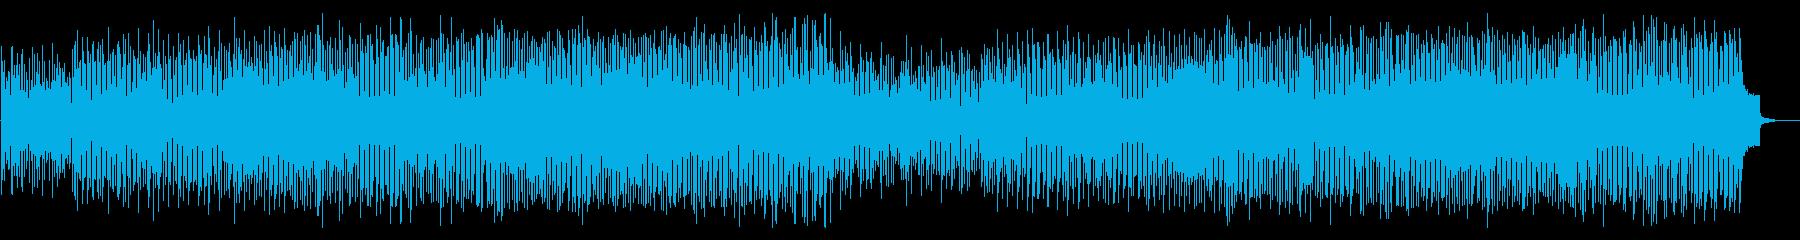 ガイコツの行進のような軽快なハロウィンの再生済みの波形